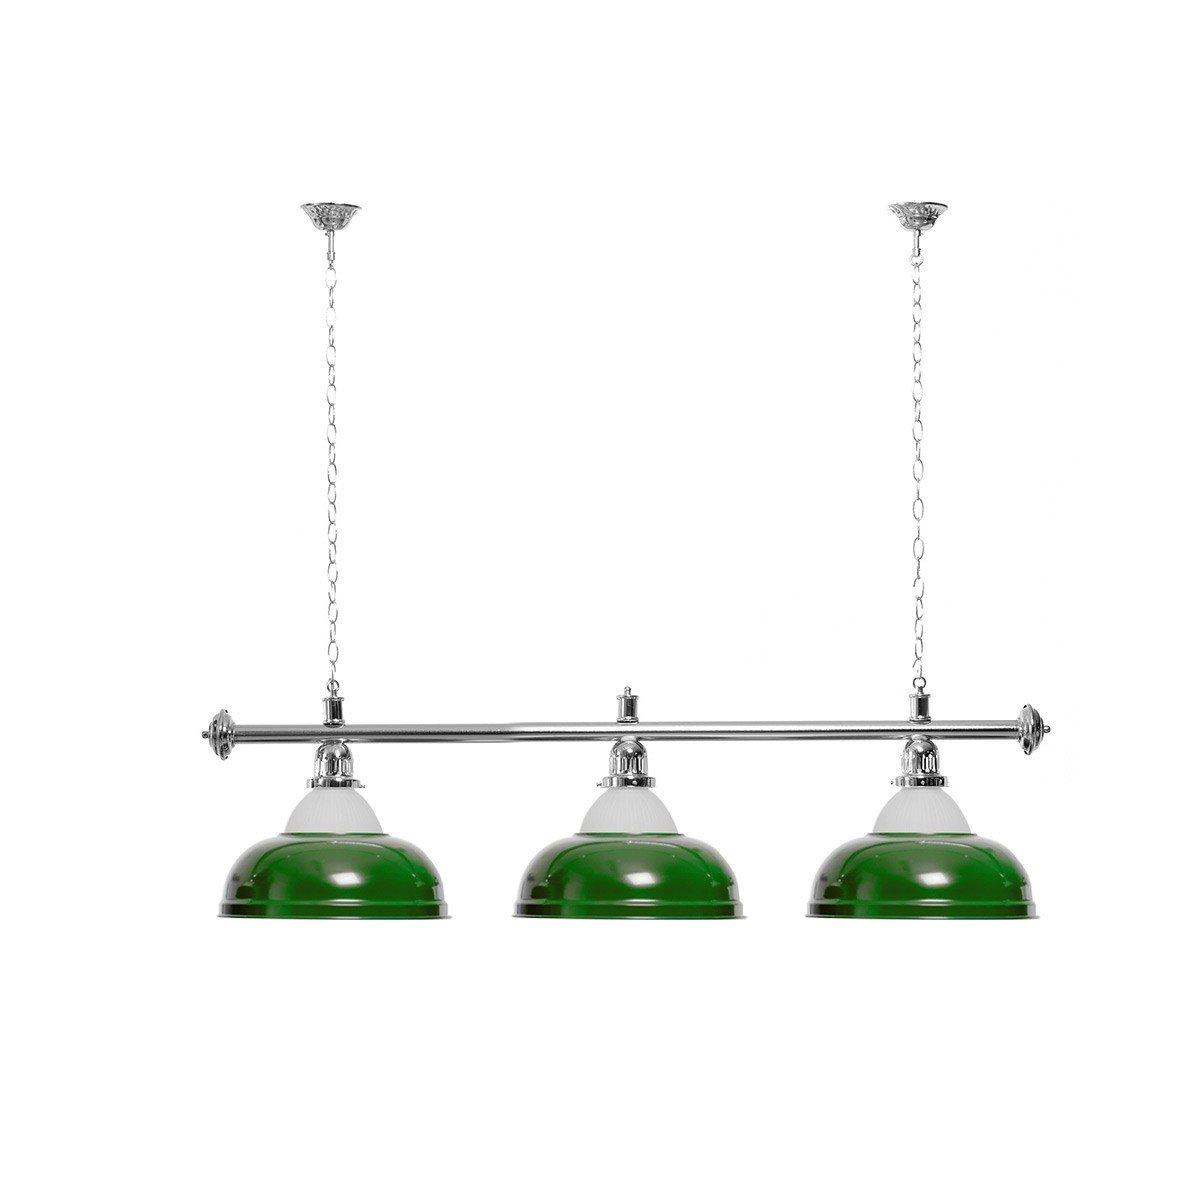 silberfarbene Halterung Billardlampe 3 Schirme gr/ün